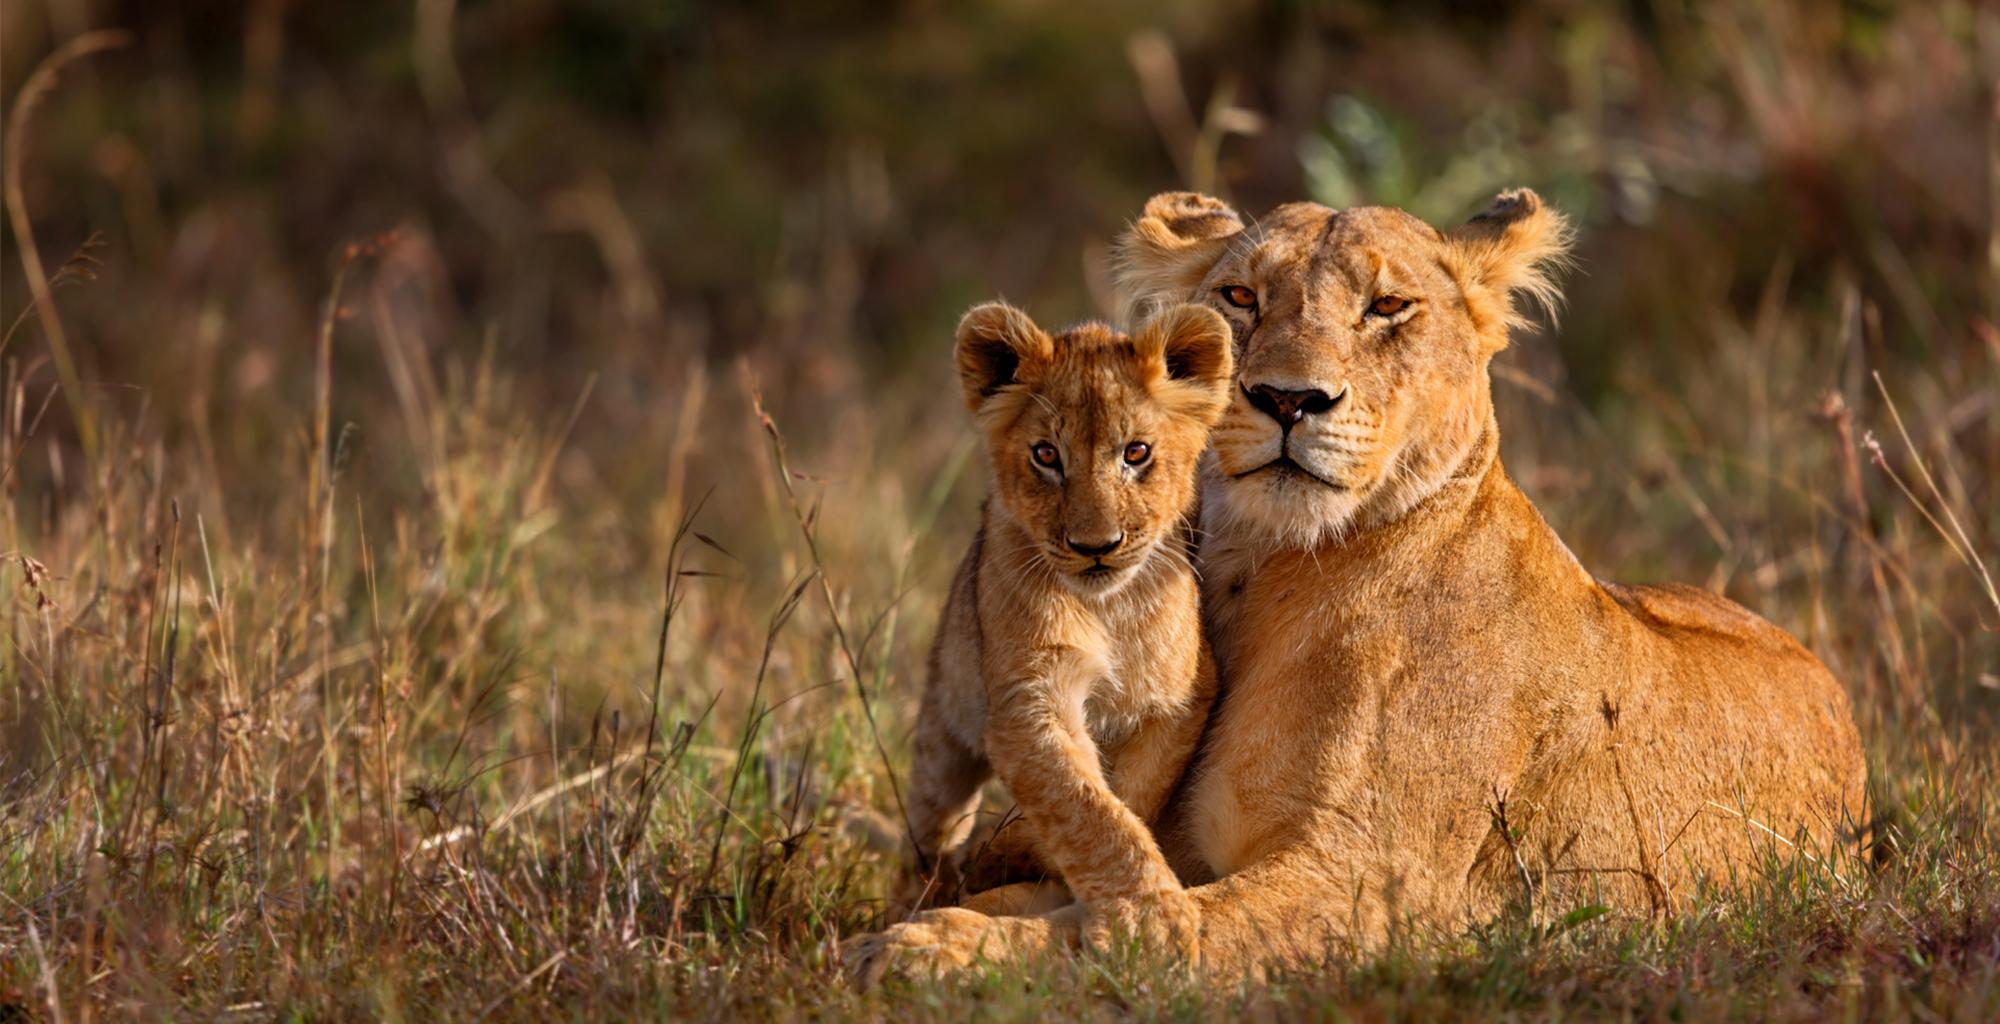 Zimbabwe-andBeyond-Matetsi-River-Lodge-Wildlife-Lion